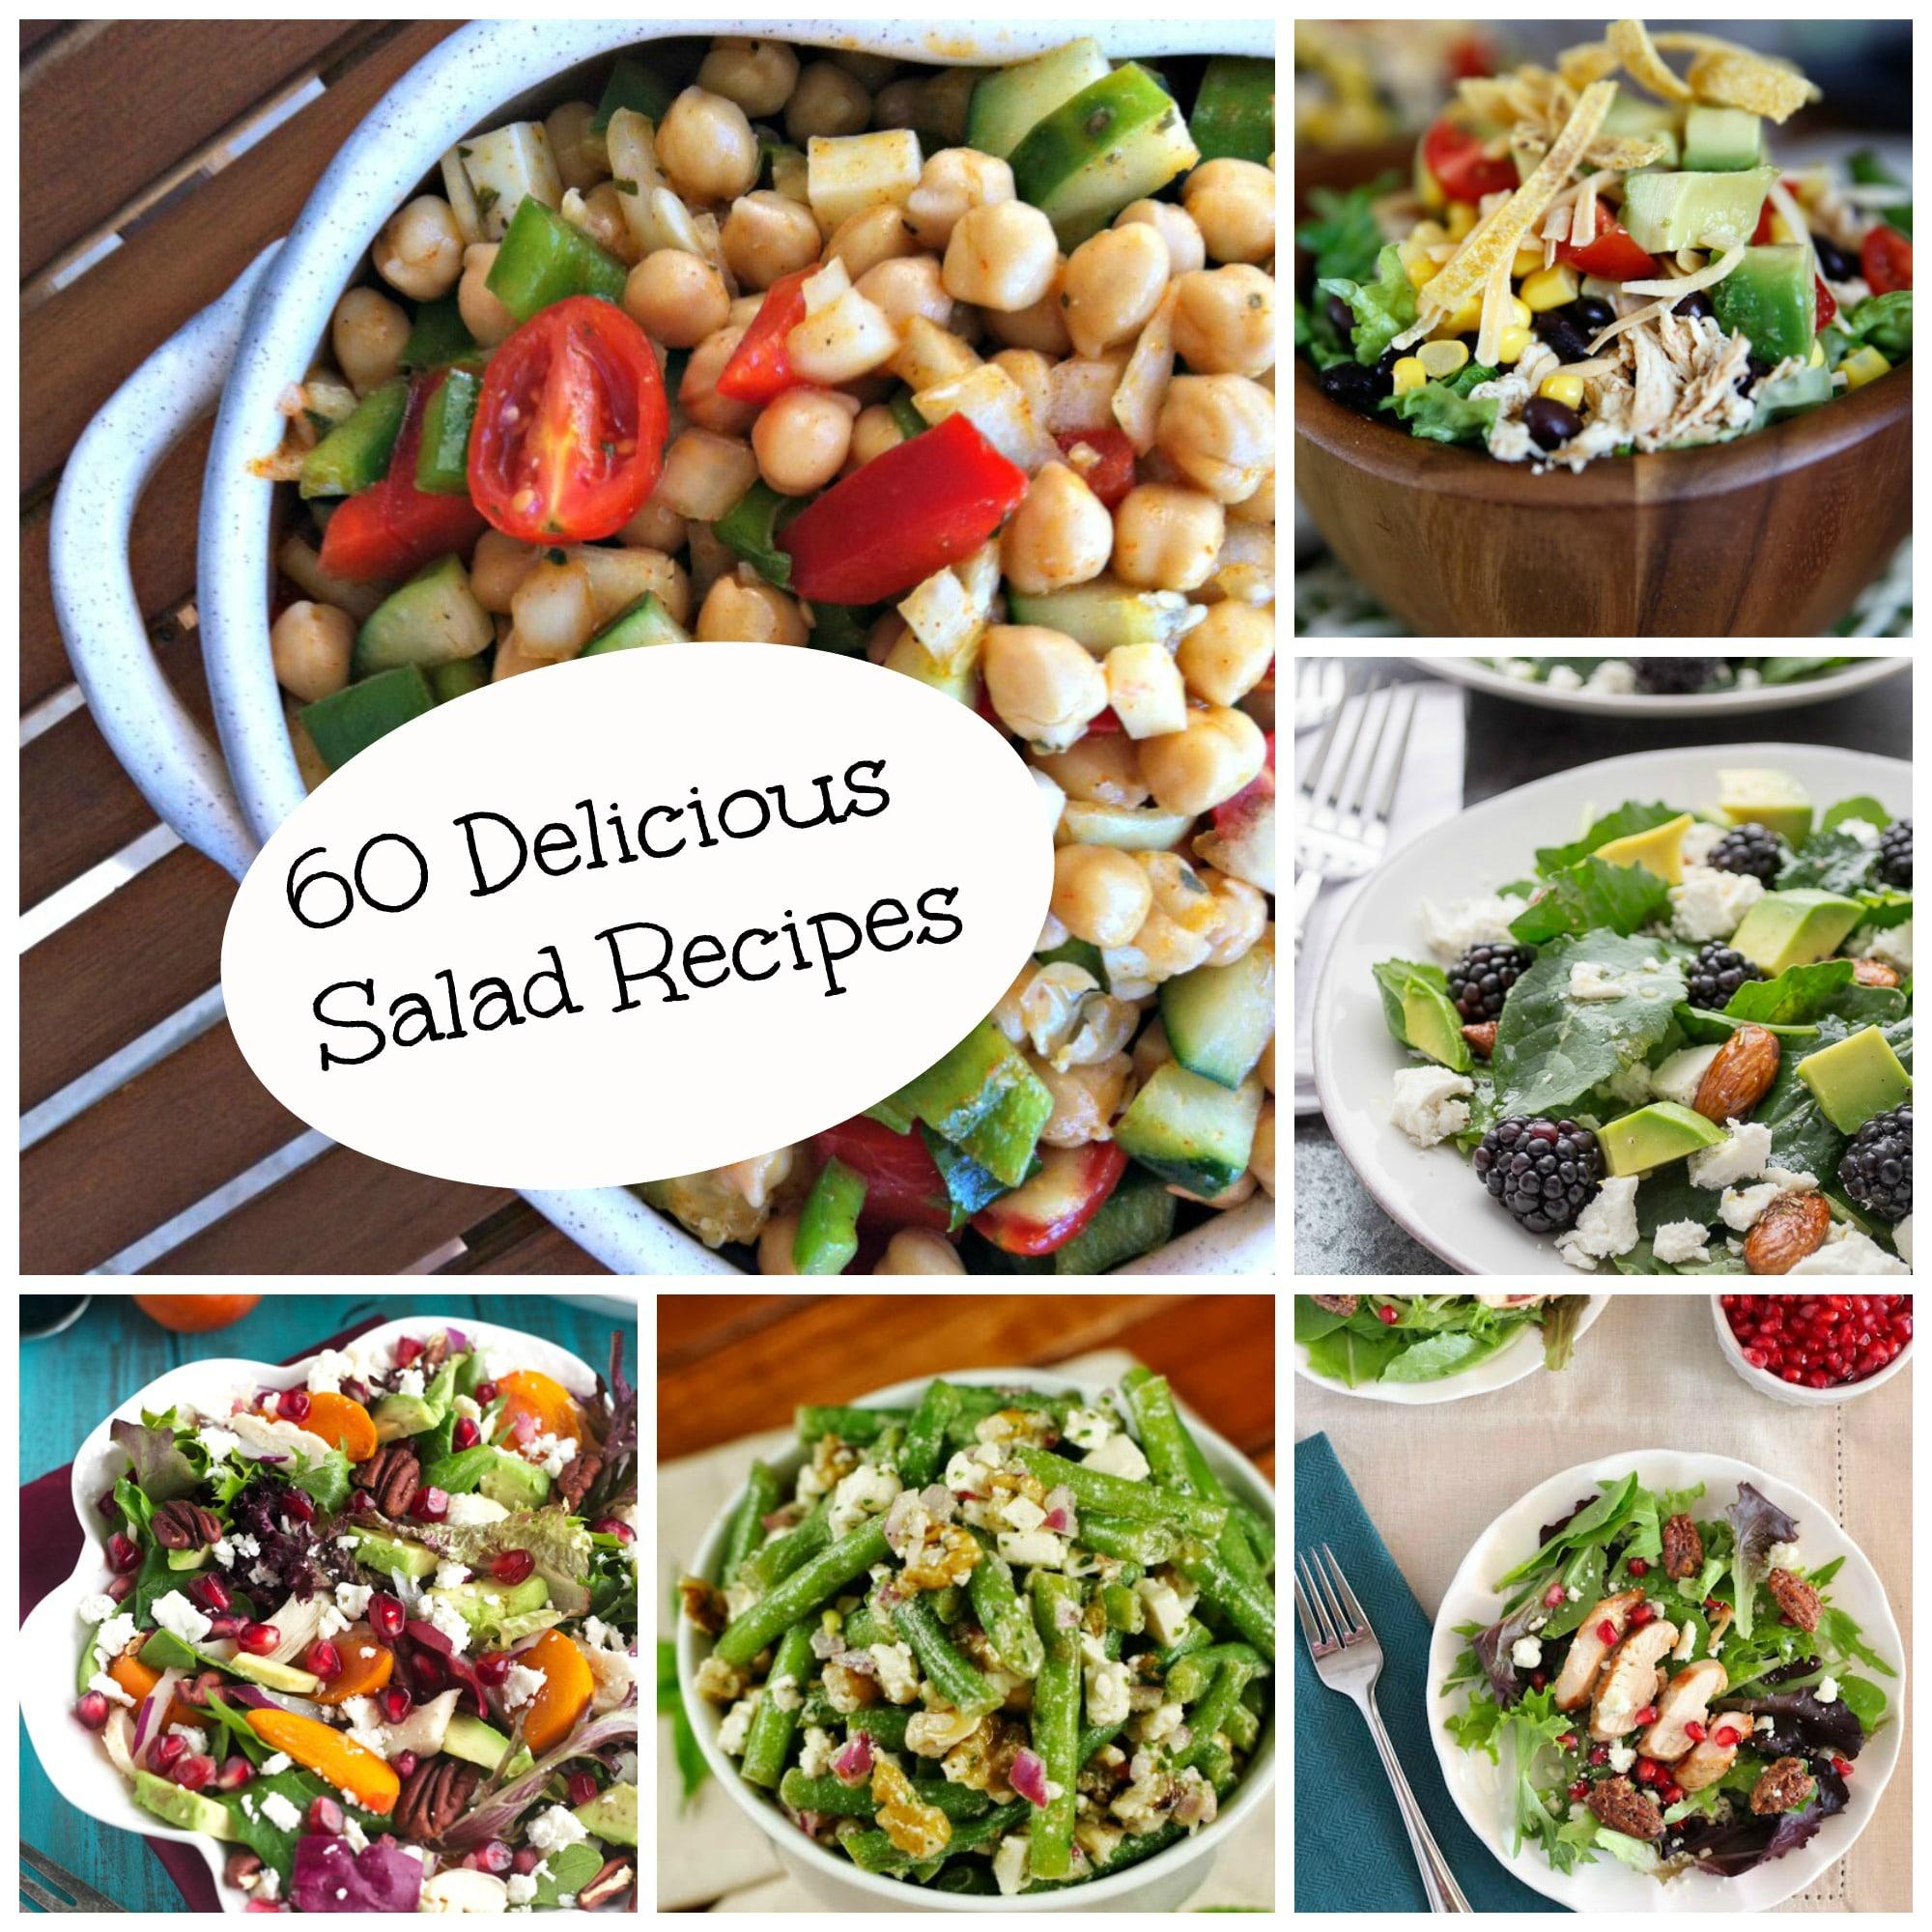 60 Delicious Salad Recipes